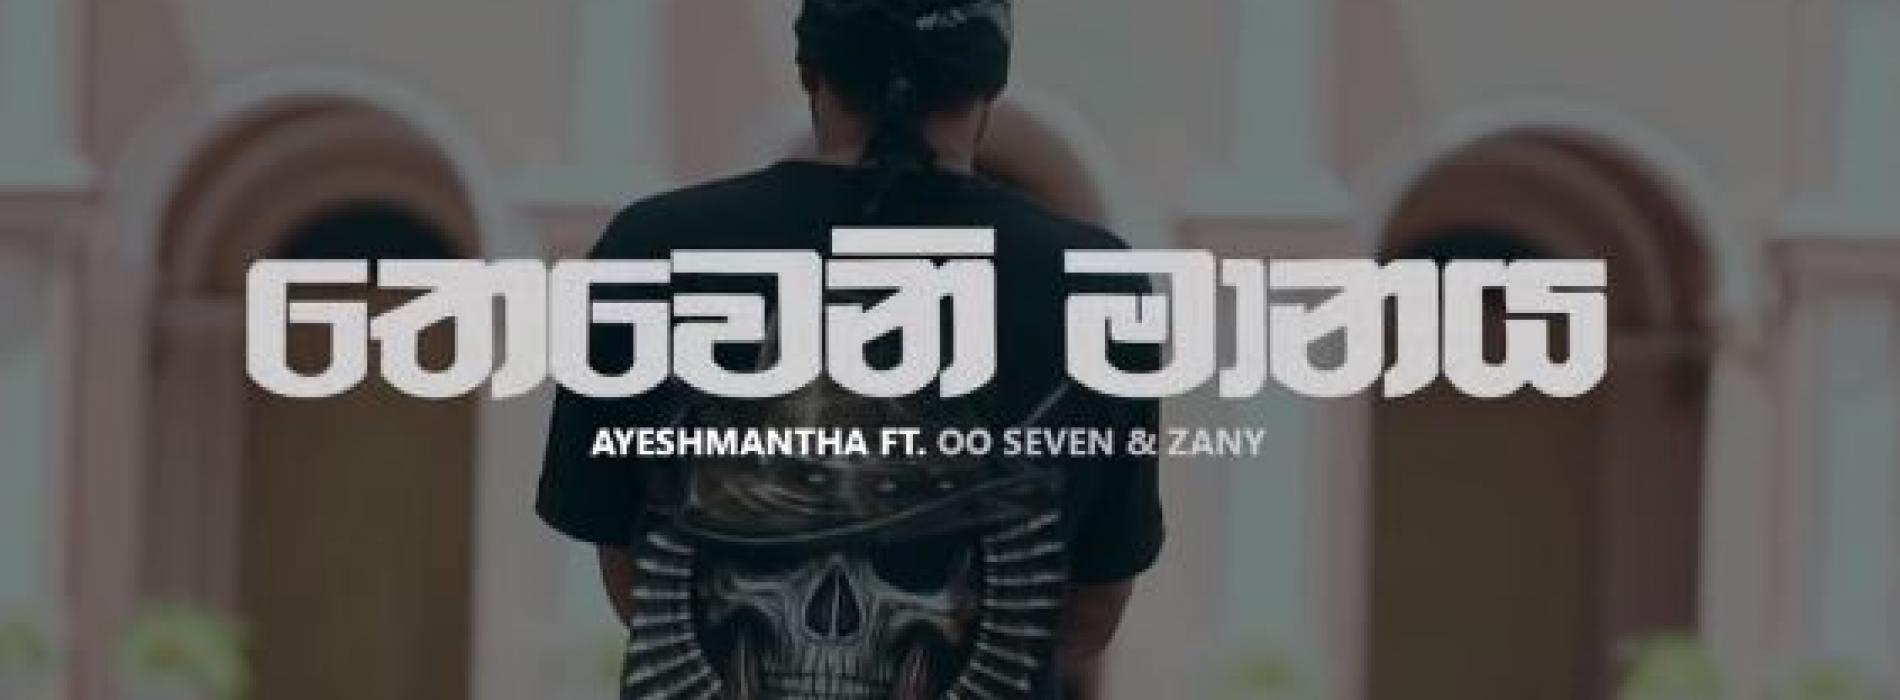 New Music : Ayeshmantha – Theweni Manaya (තෙවෙනි මානය) ft OOSeven & Zany Inzane (Official Music Video)